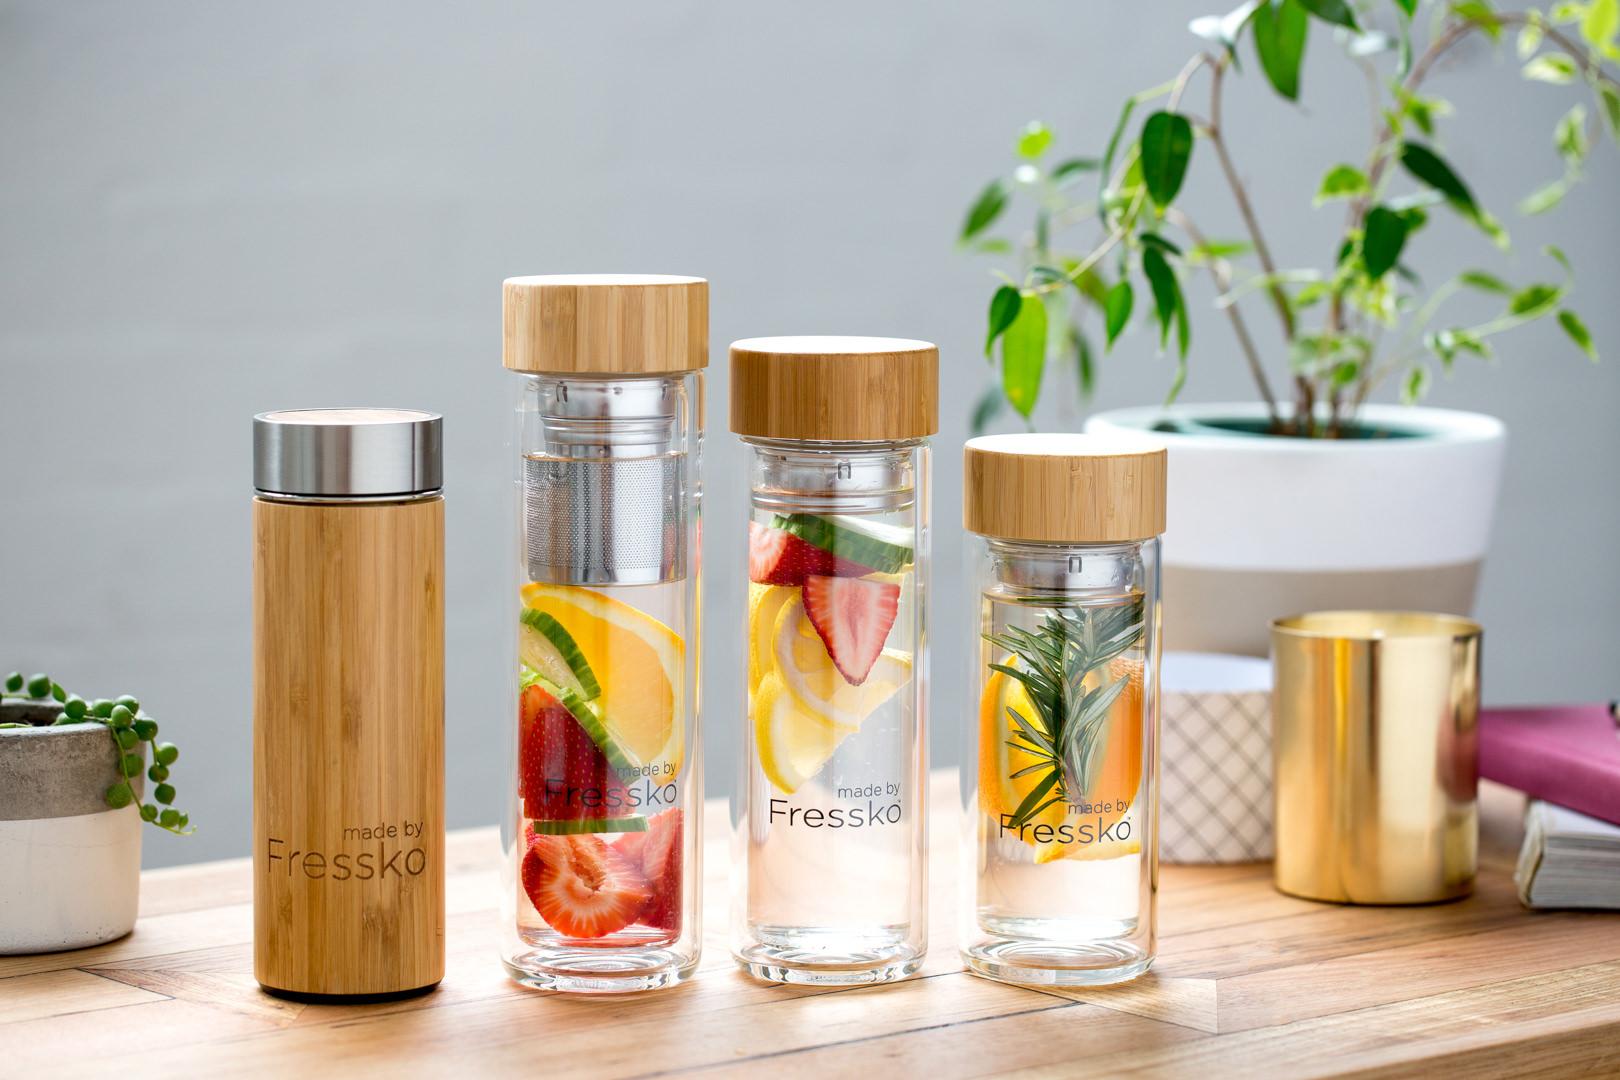 Fressko Flasks AUD $39.95 - $49.95